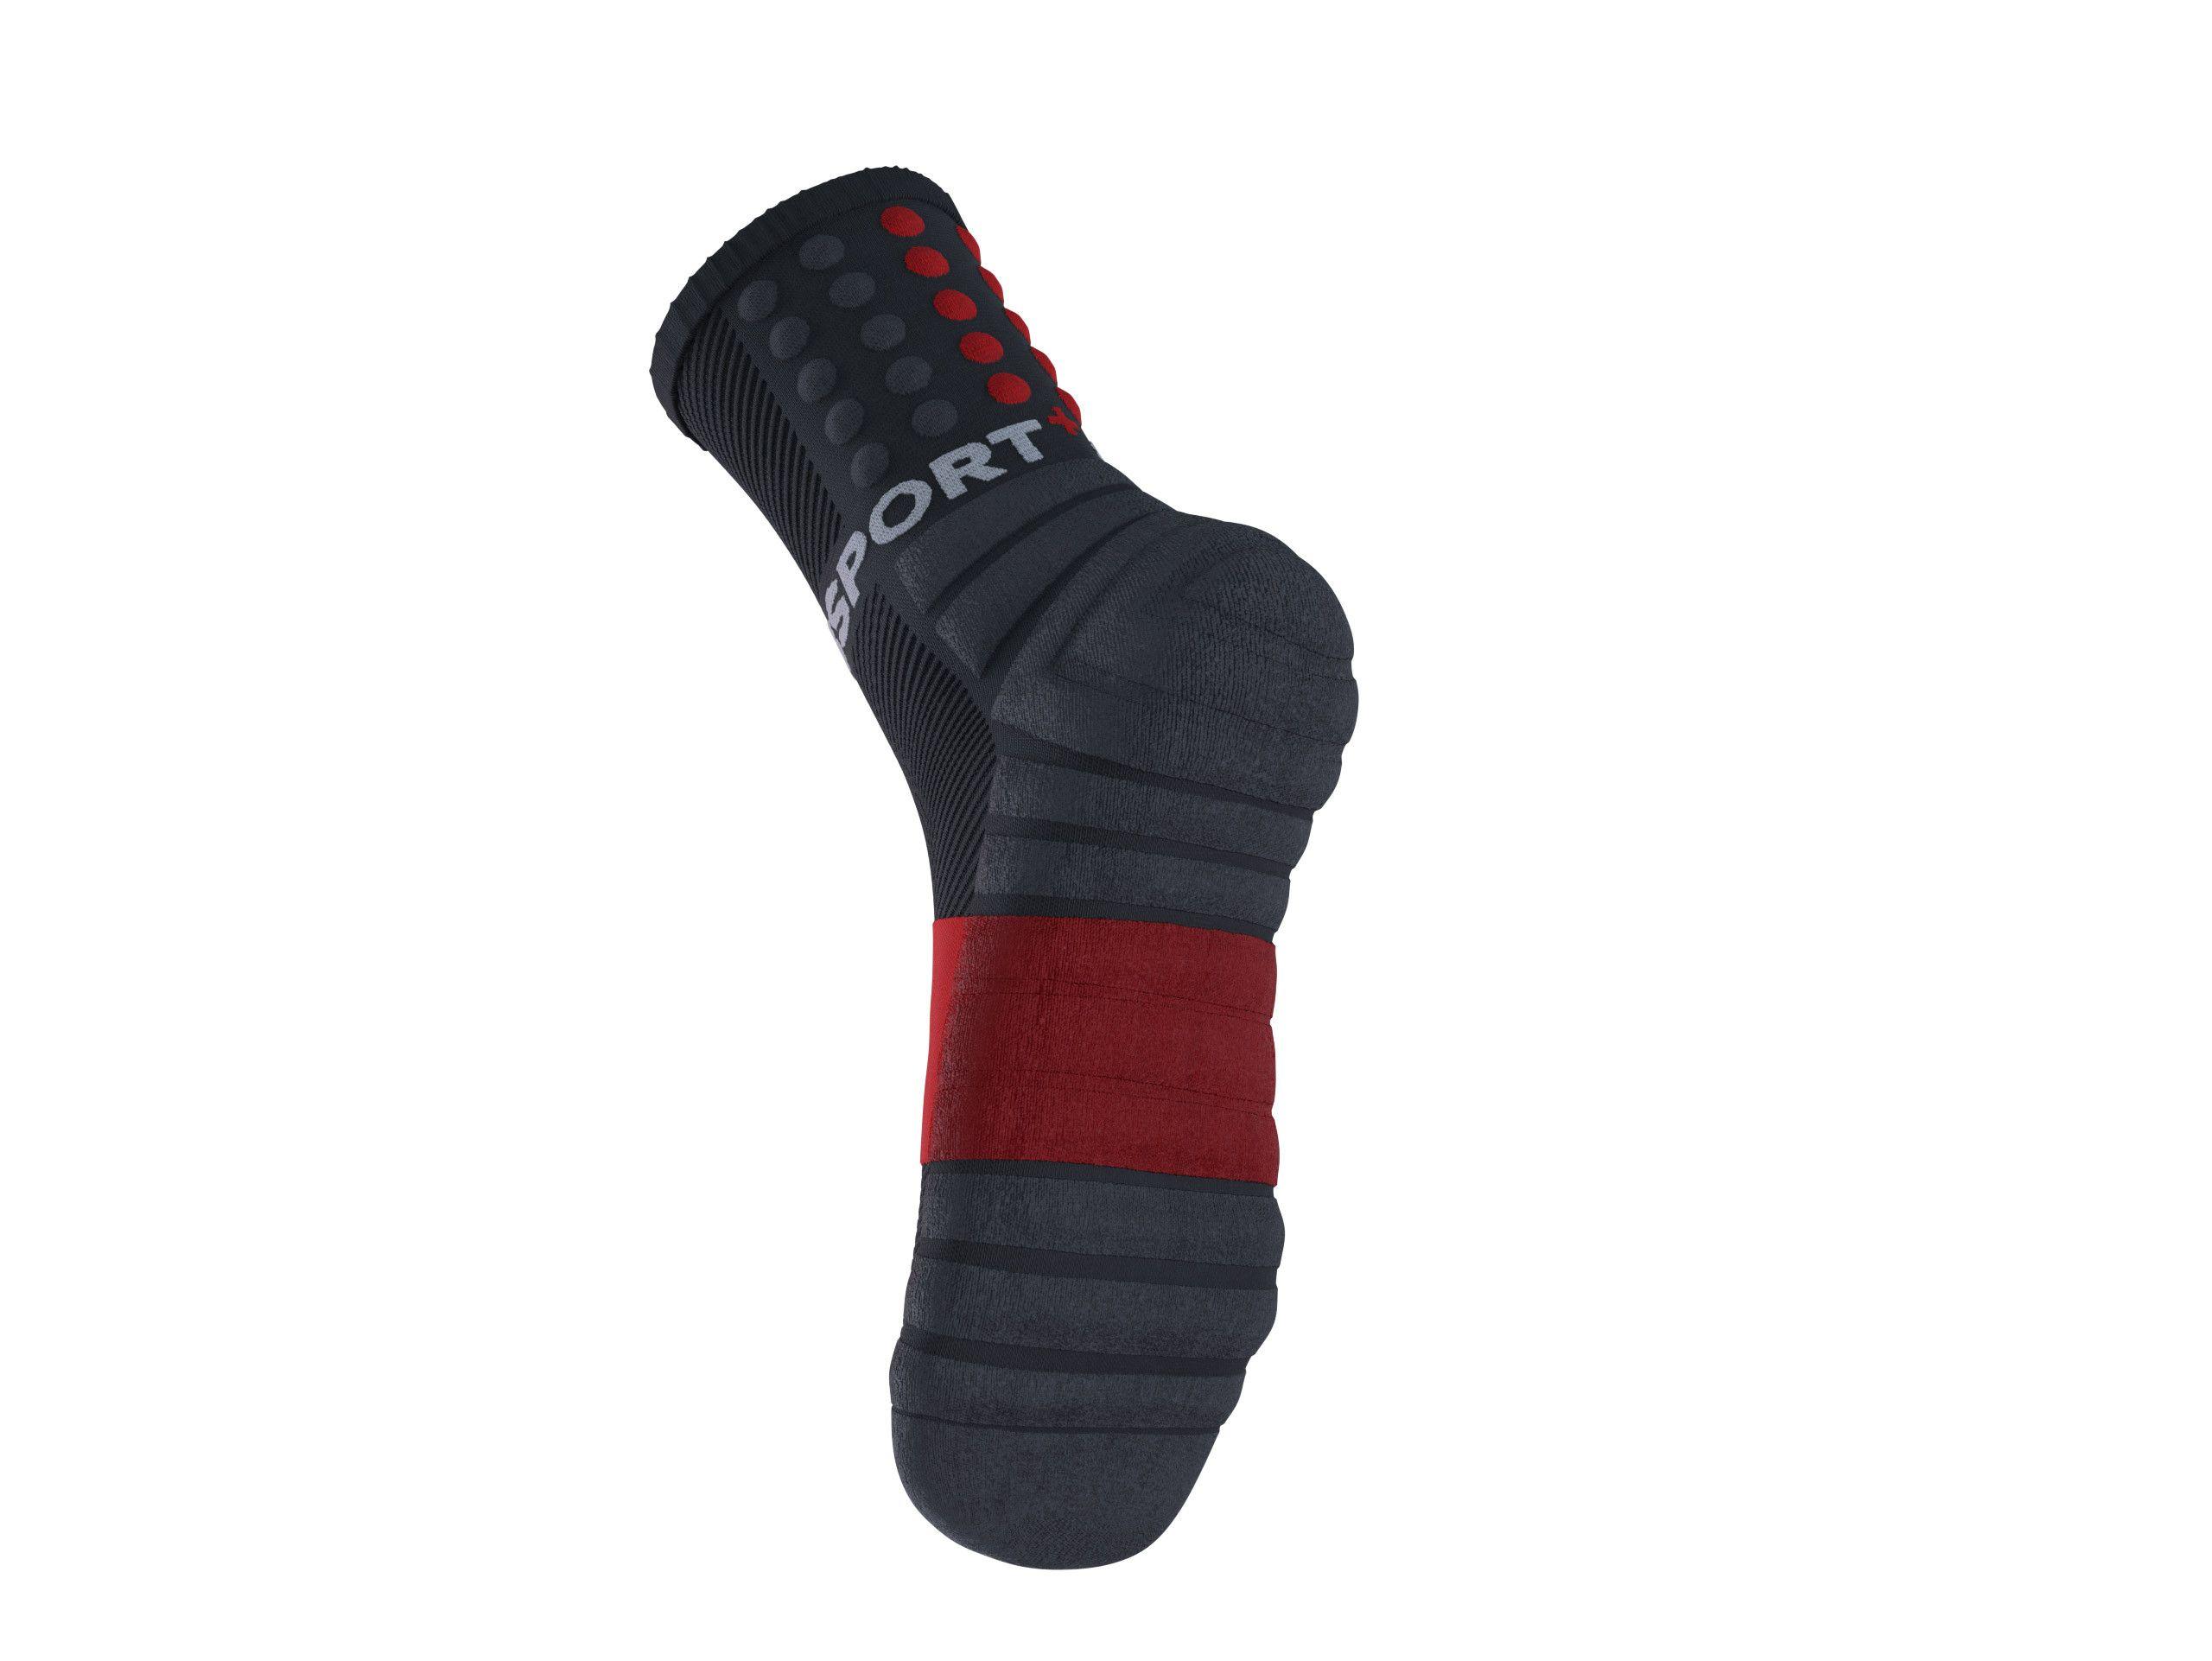 Calcetines amortiguadores negros